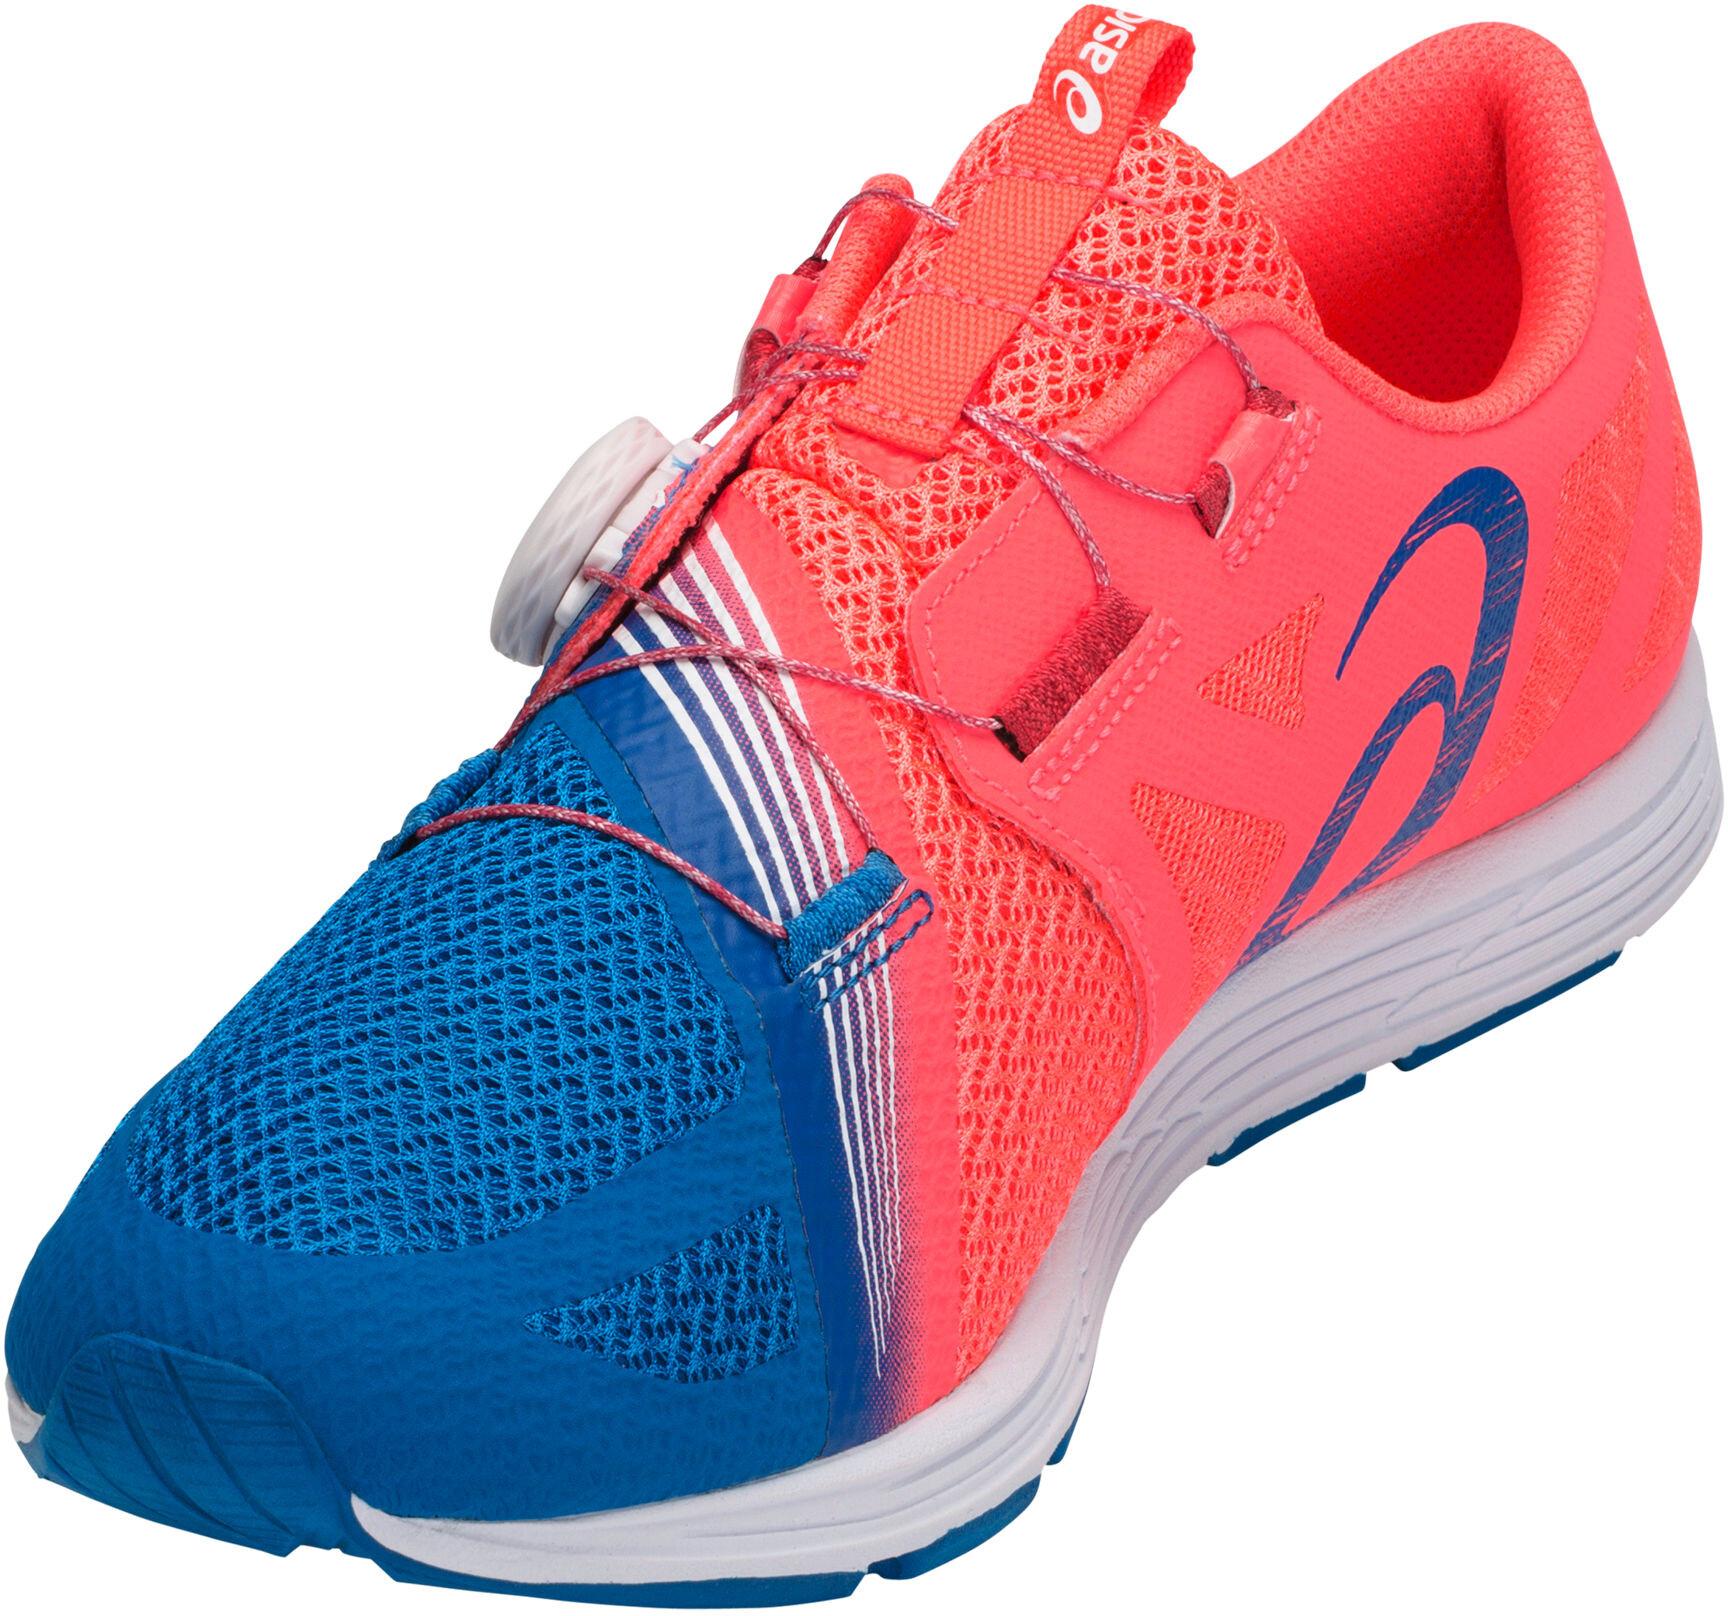 duree de vie chaussure running asics